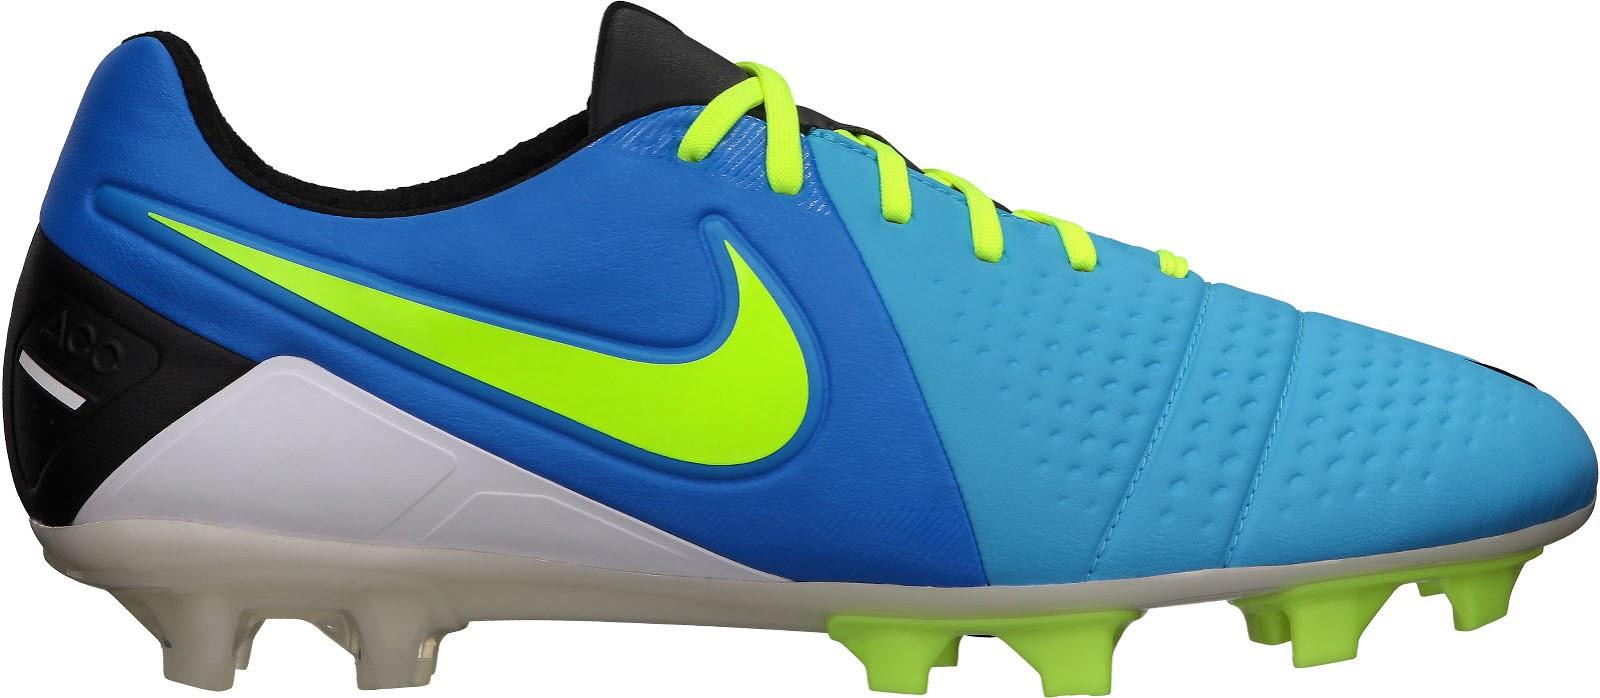 [Imagen: Nike-CTR-360-Current-Blue-Volt-Black-NEW+Big+1.jpg]